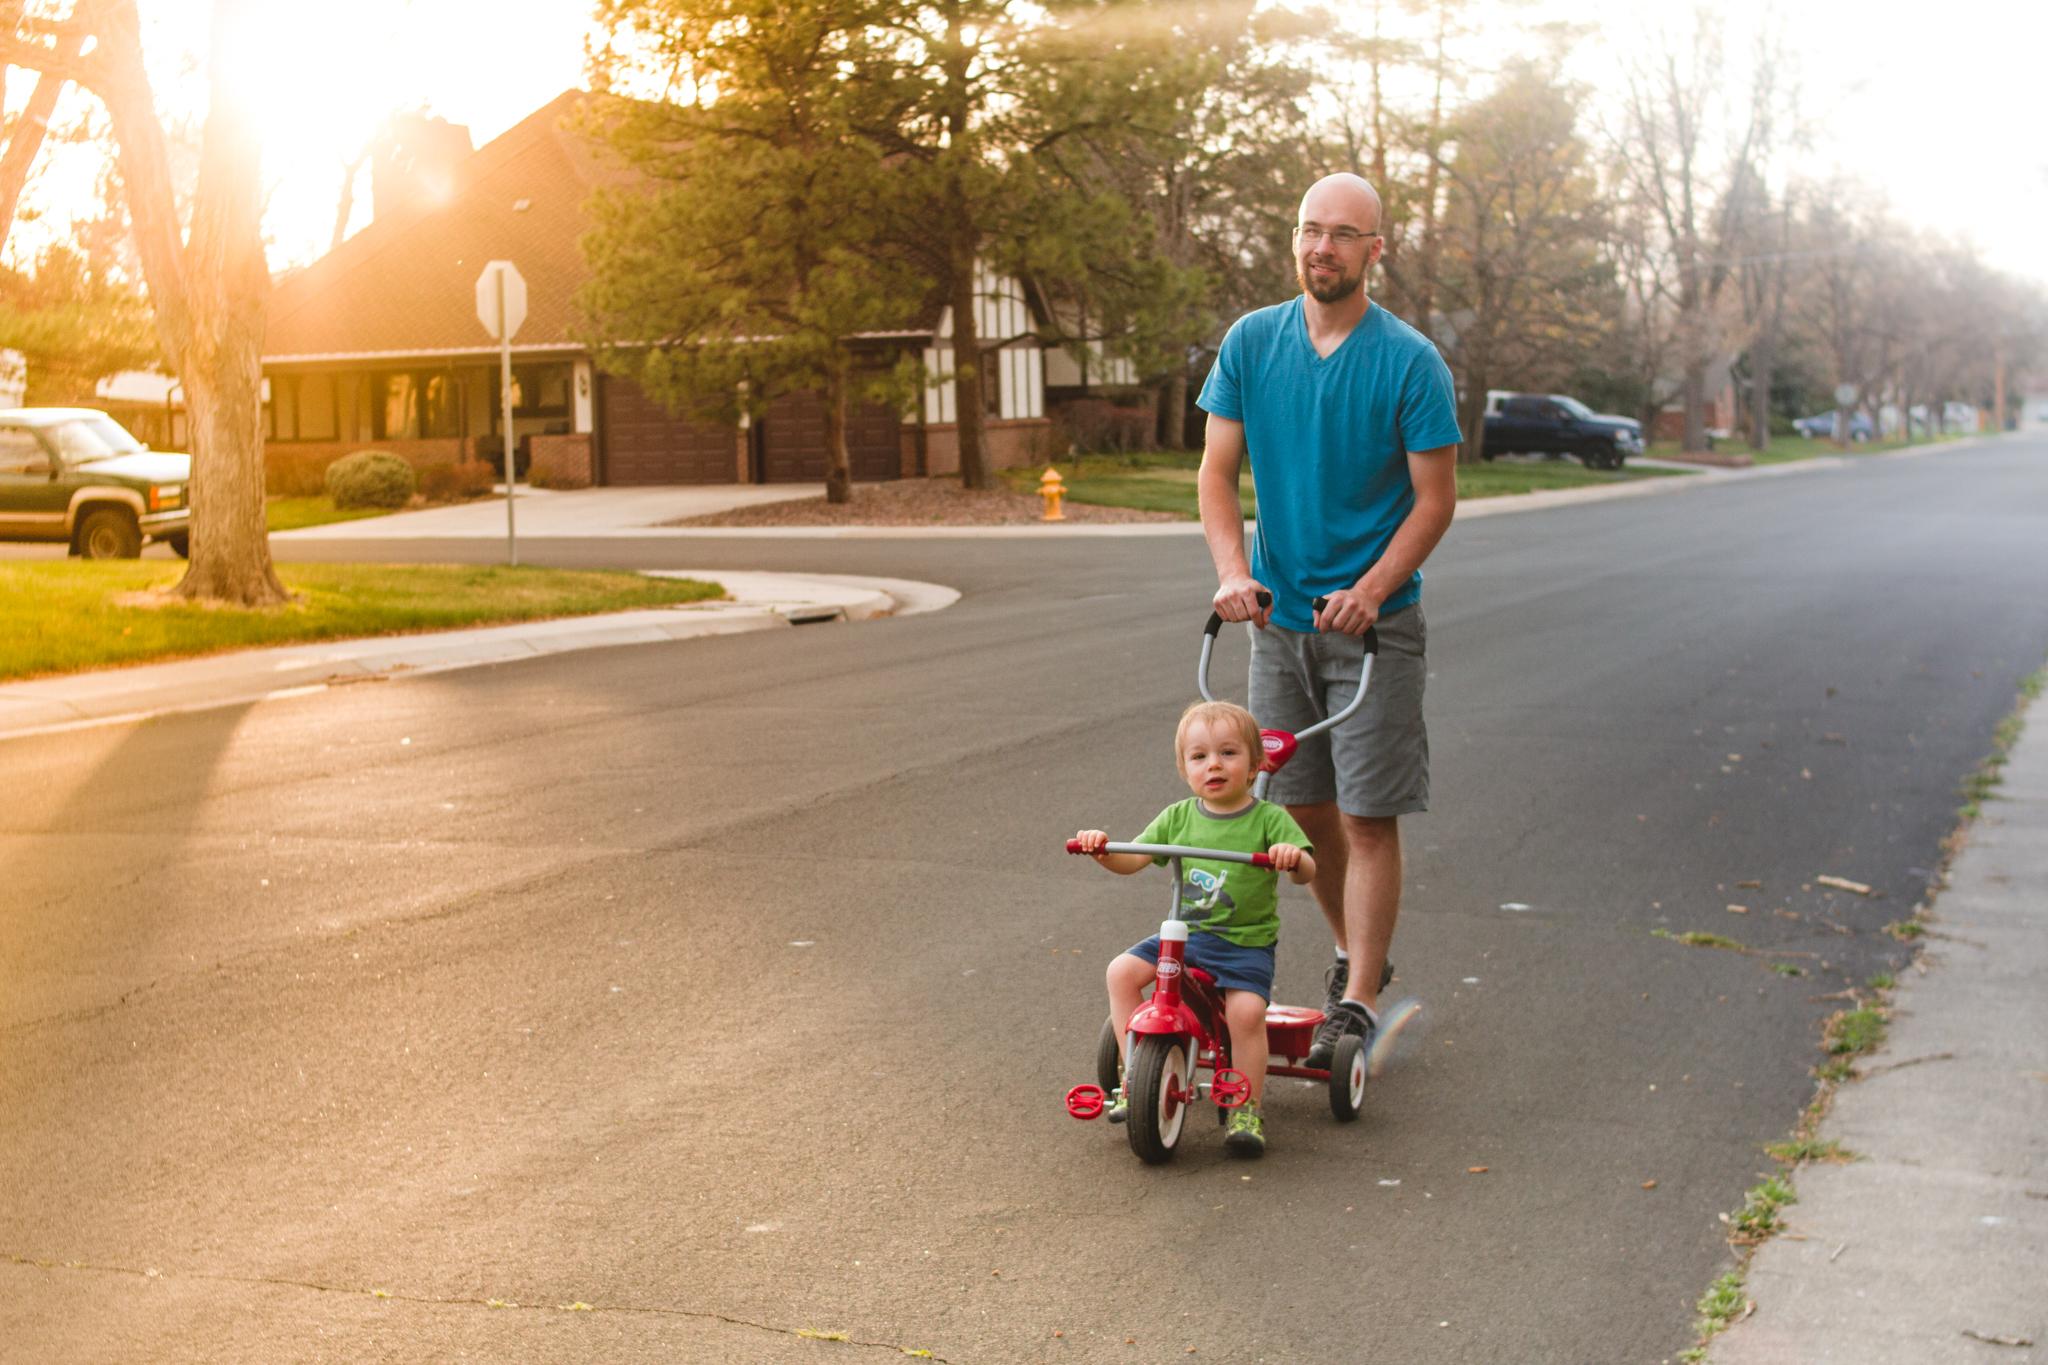 Evening walks in our neighborhood.